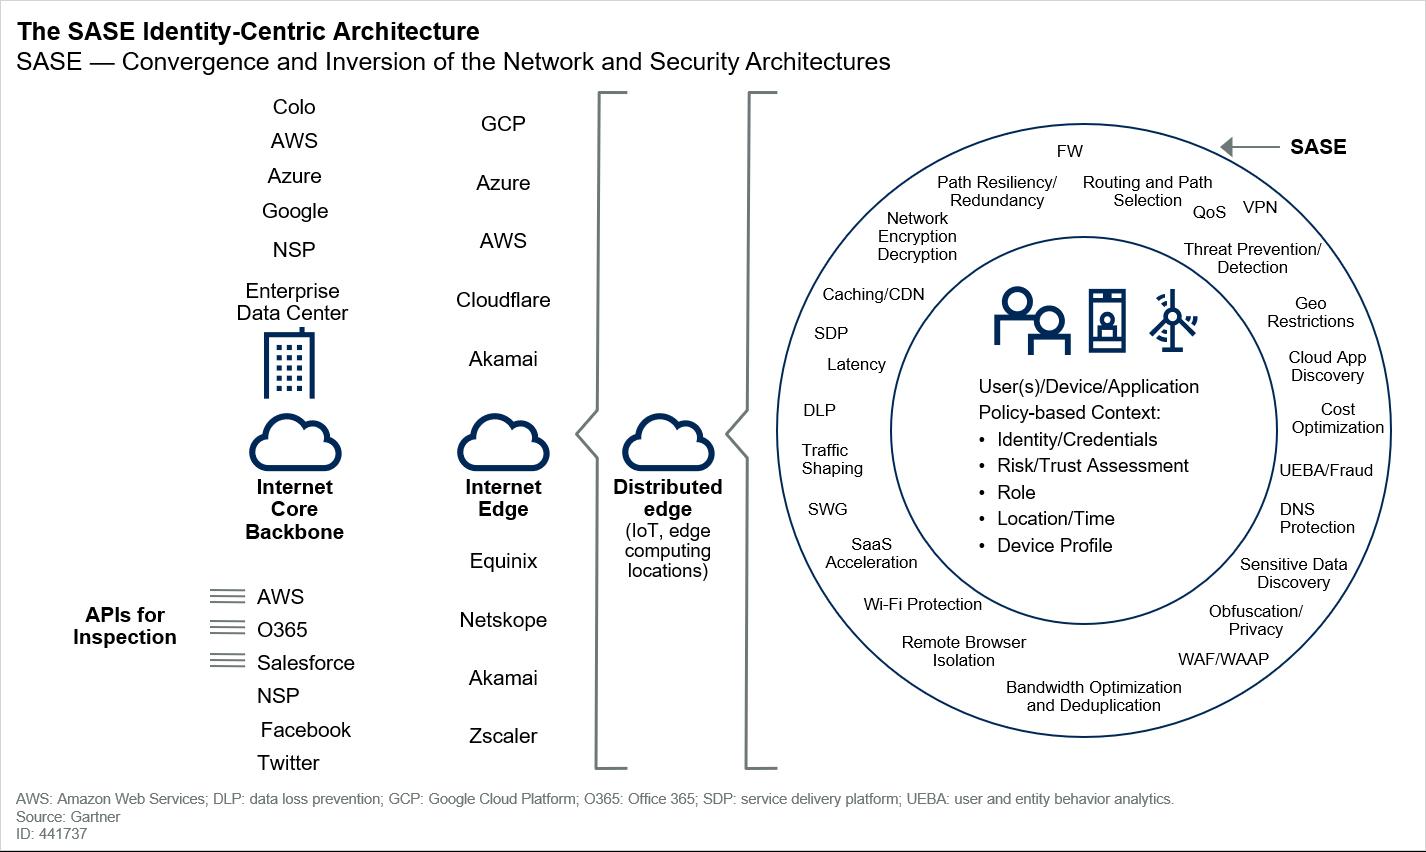 La arquitectura centrada en la identidad de SASE